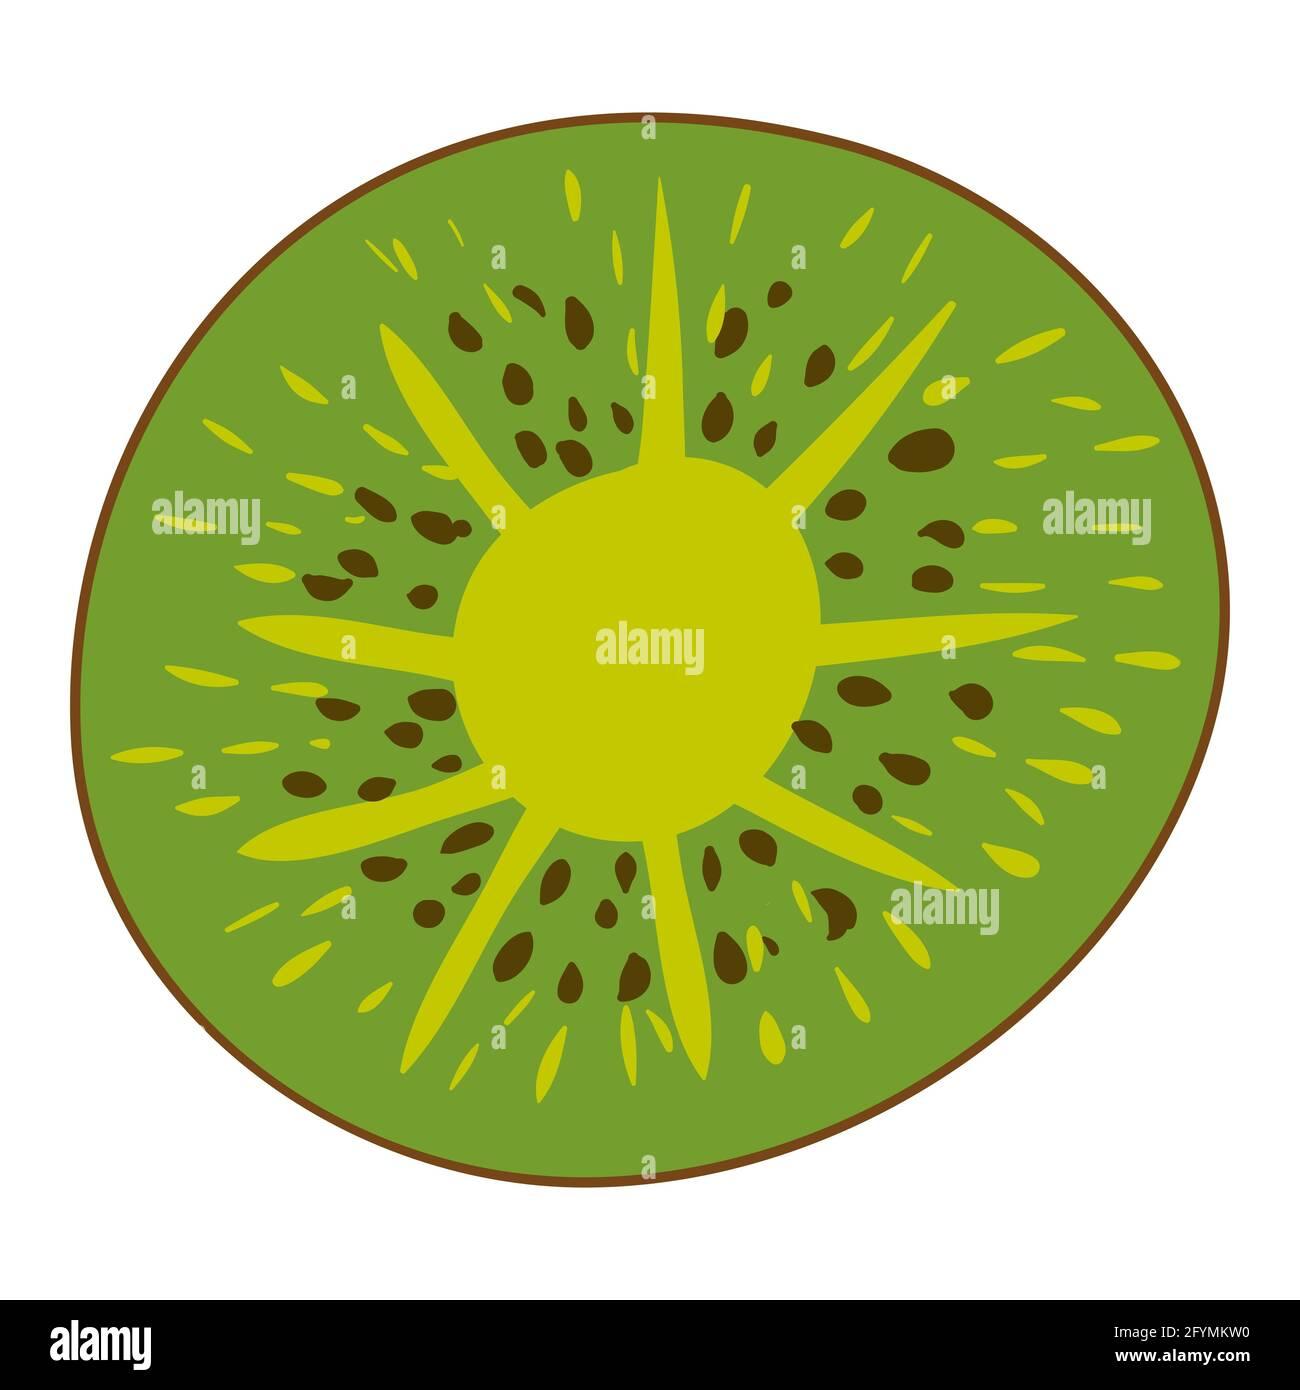 Rodajas de fruta Kiwi, producto natural de nutrición orgánica saludable. Vector doodle dibujo animado plano de moda ilustración dibujada a mano aislada Ilustración del Vector